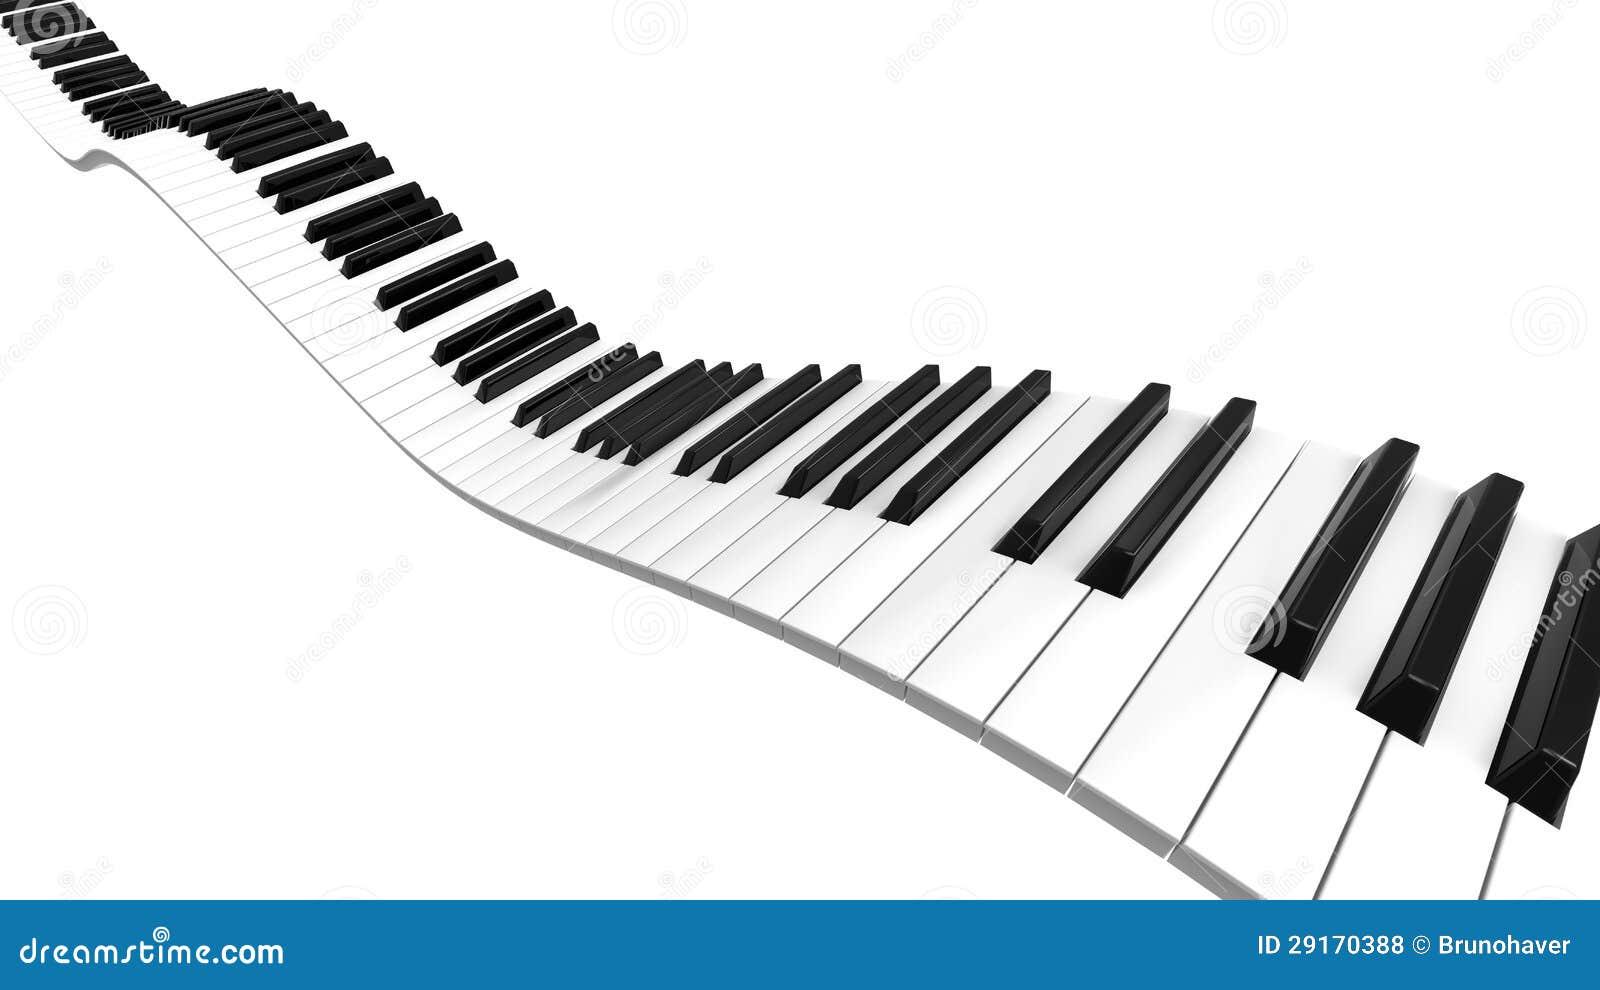 sine curve piano stock illustration image of digital. Black Bedroom Furniture Sets. Home Design Ideas